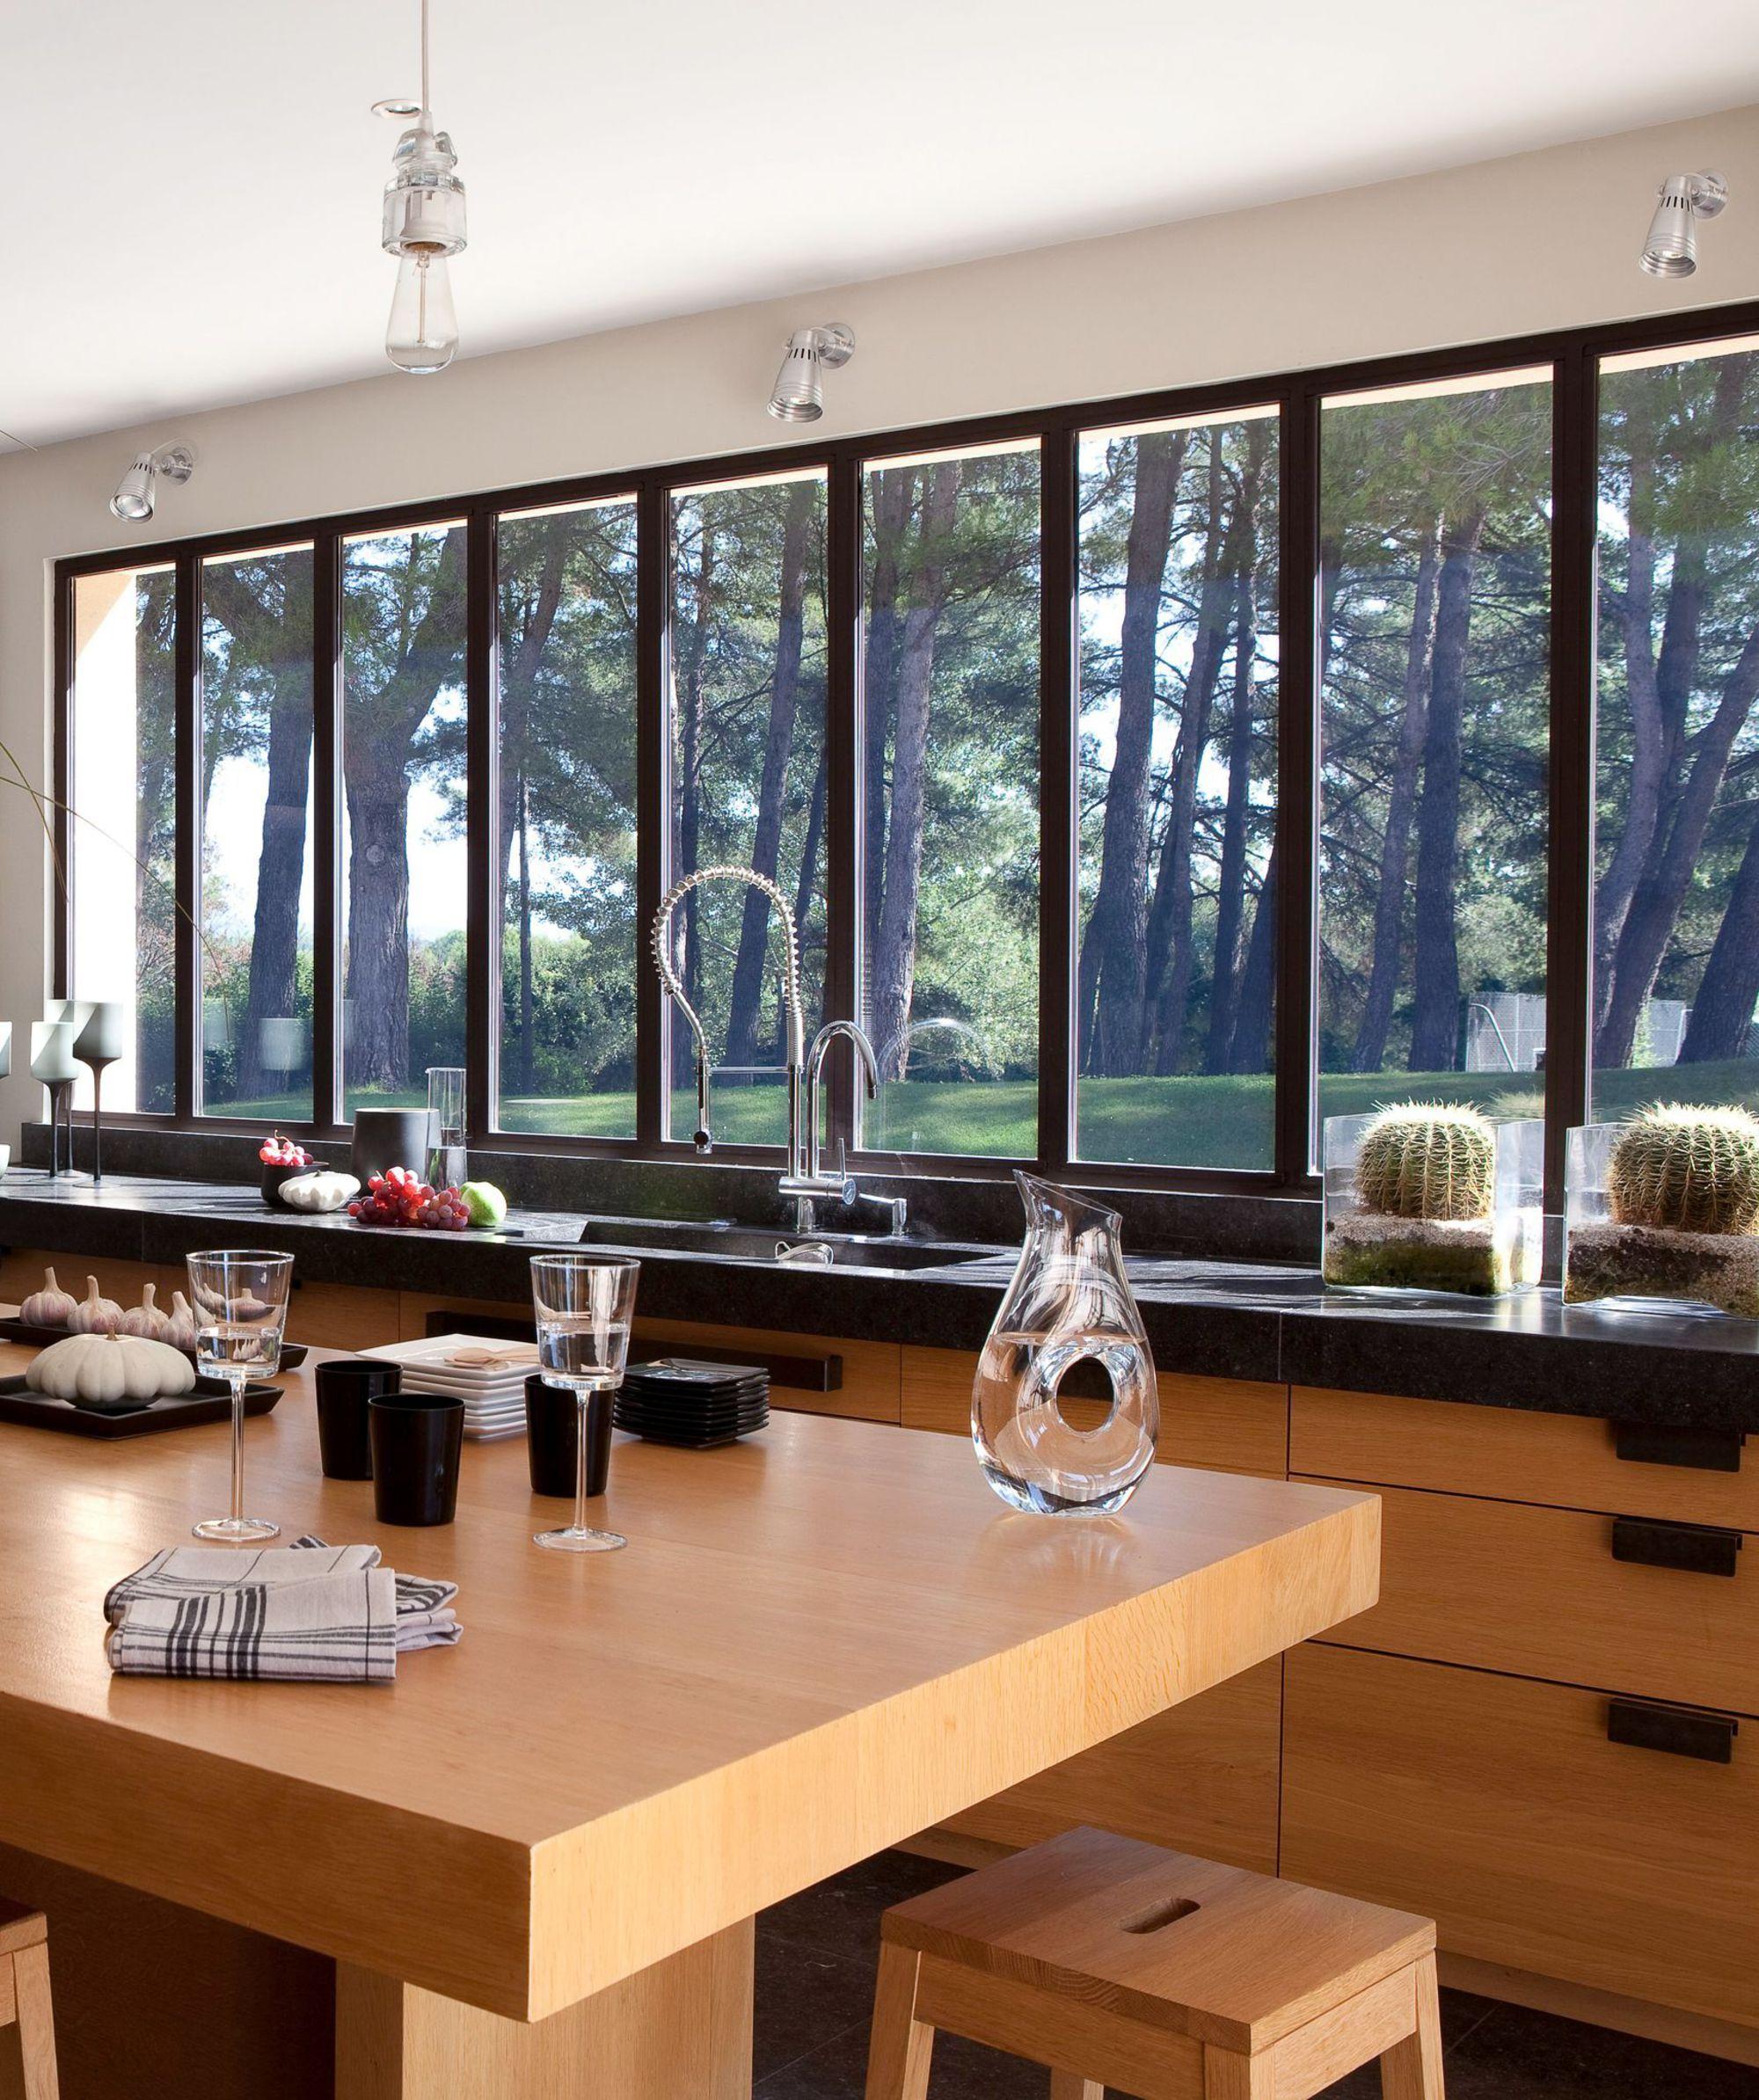 Maison moderne avec grandes fenêtres, baies vitrées et baies coulissantes   Belle maison moderne ...